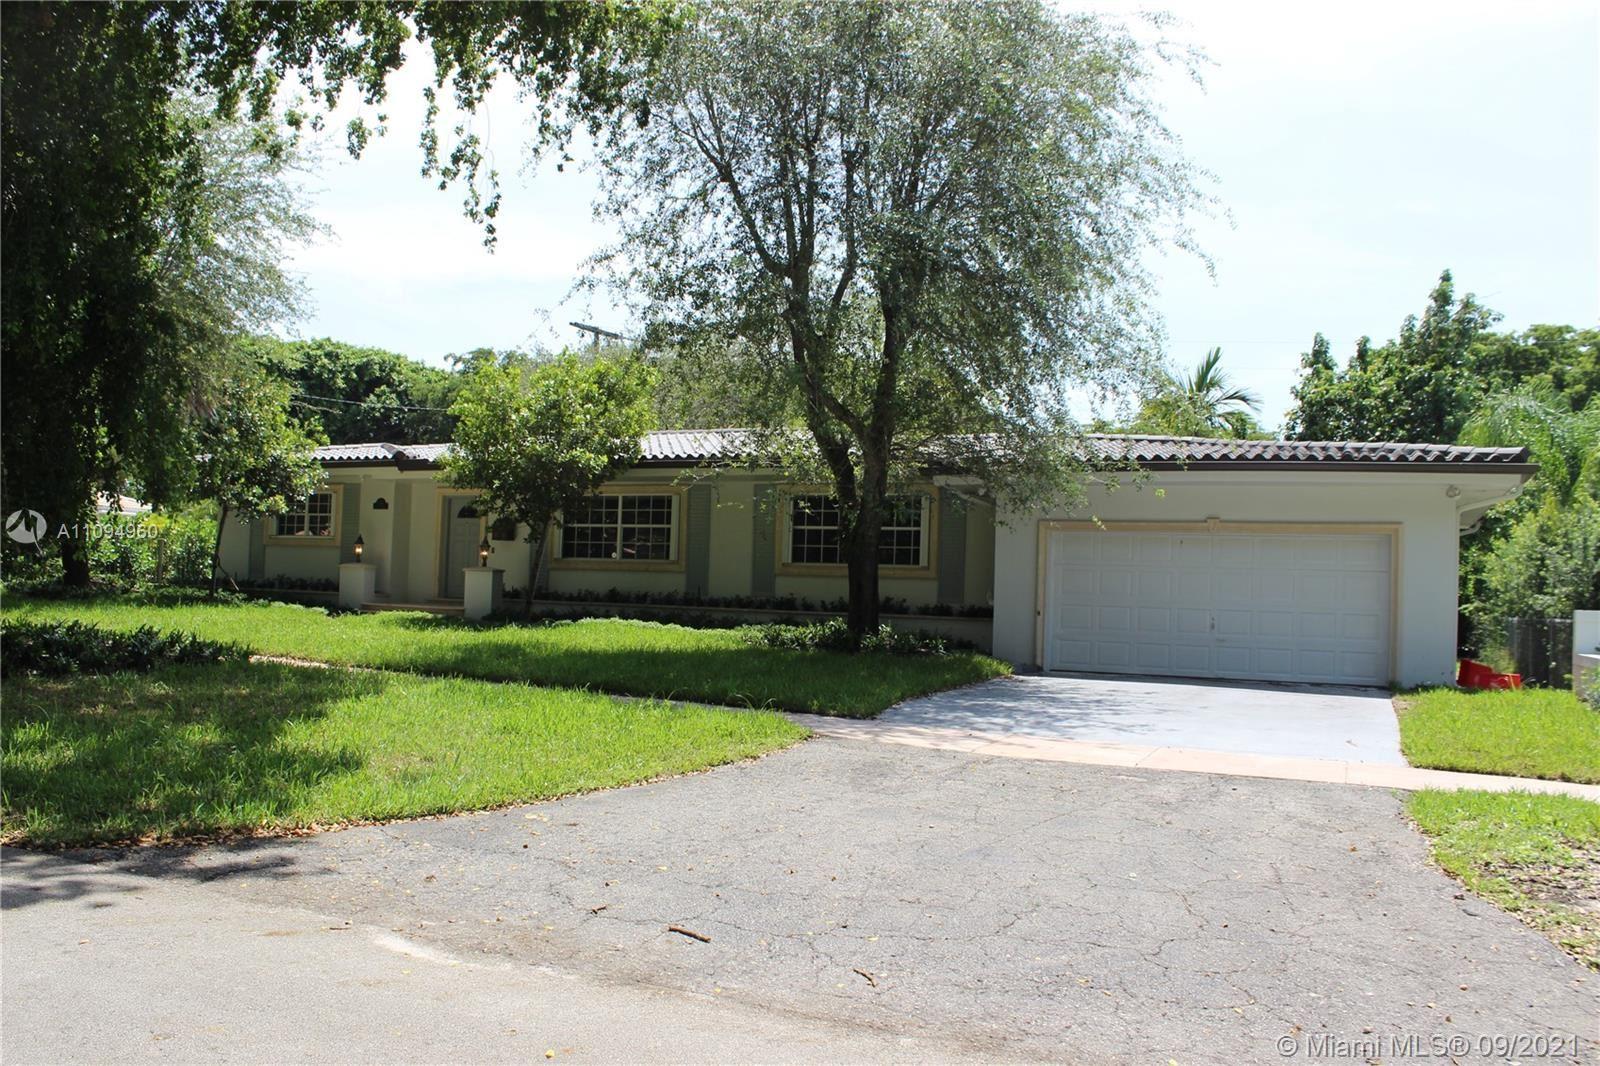 Photo of 500 San Juan Dr #0, Coral Gables, FL 33143 (MLS # A11094960)